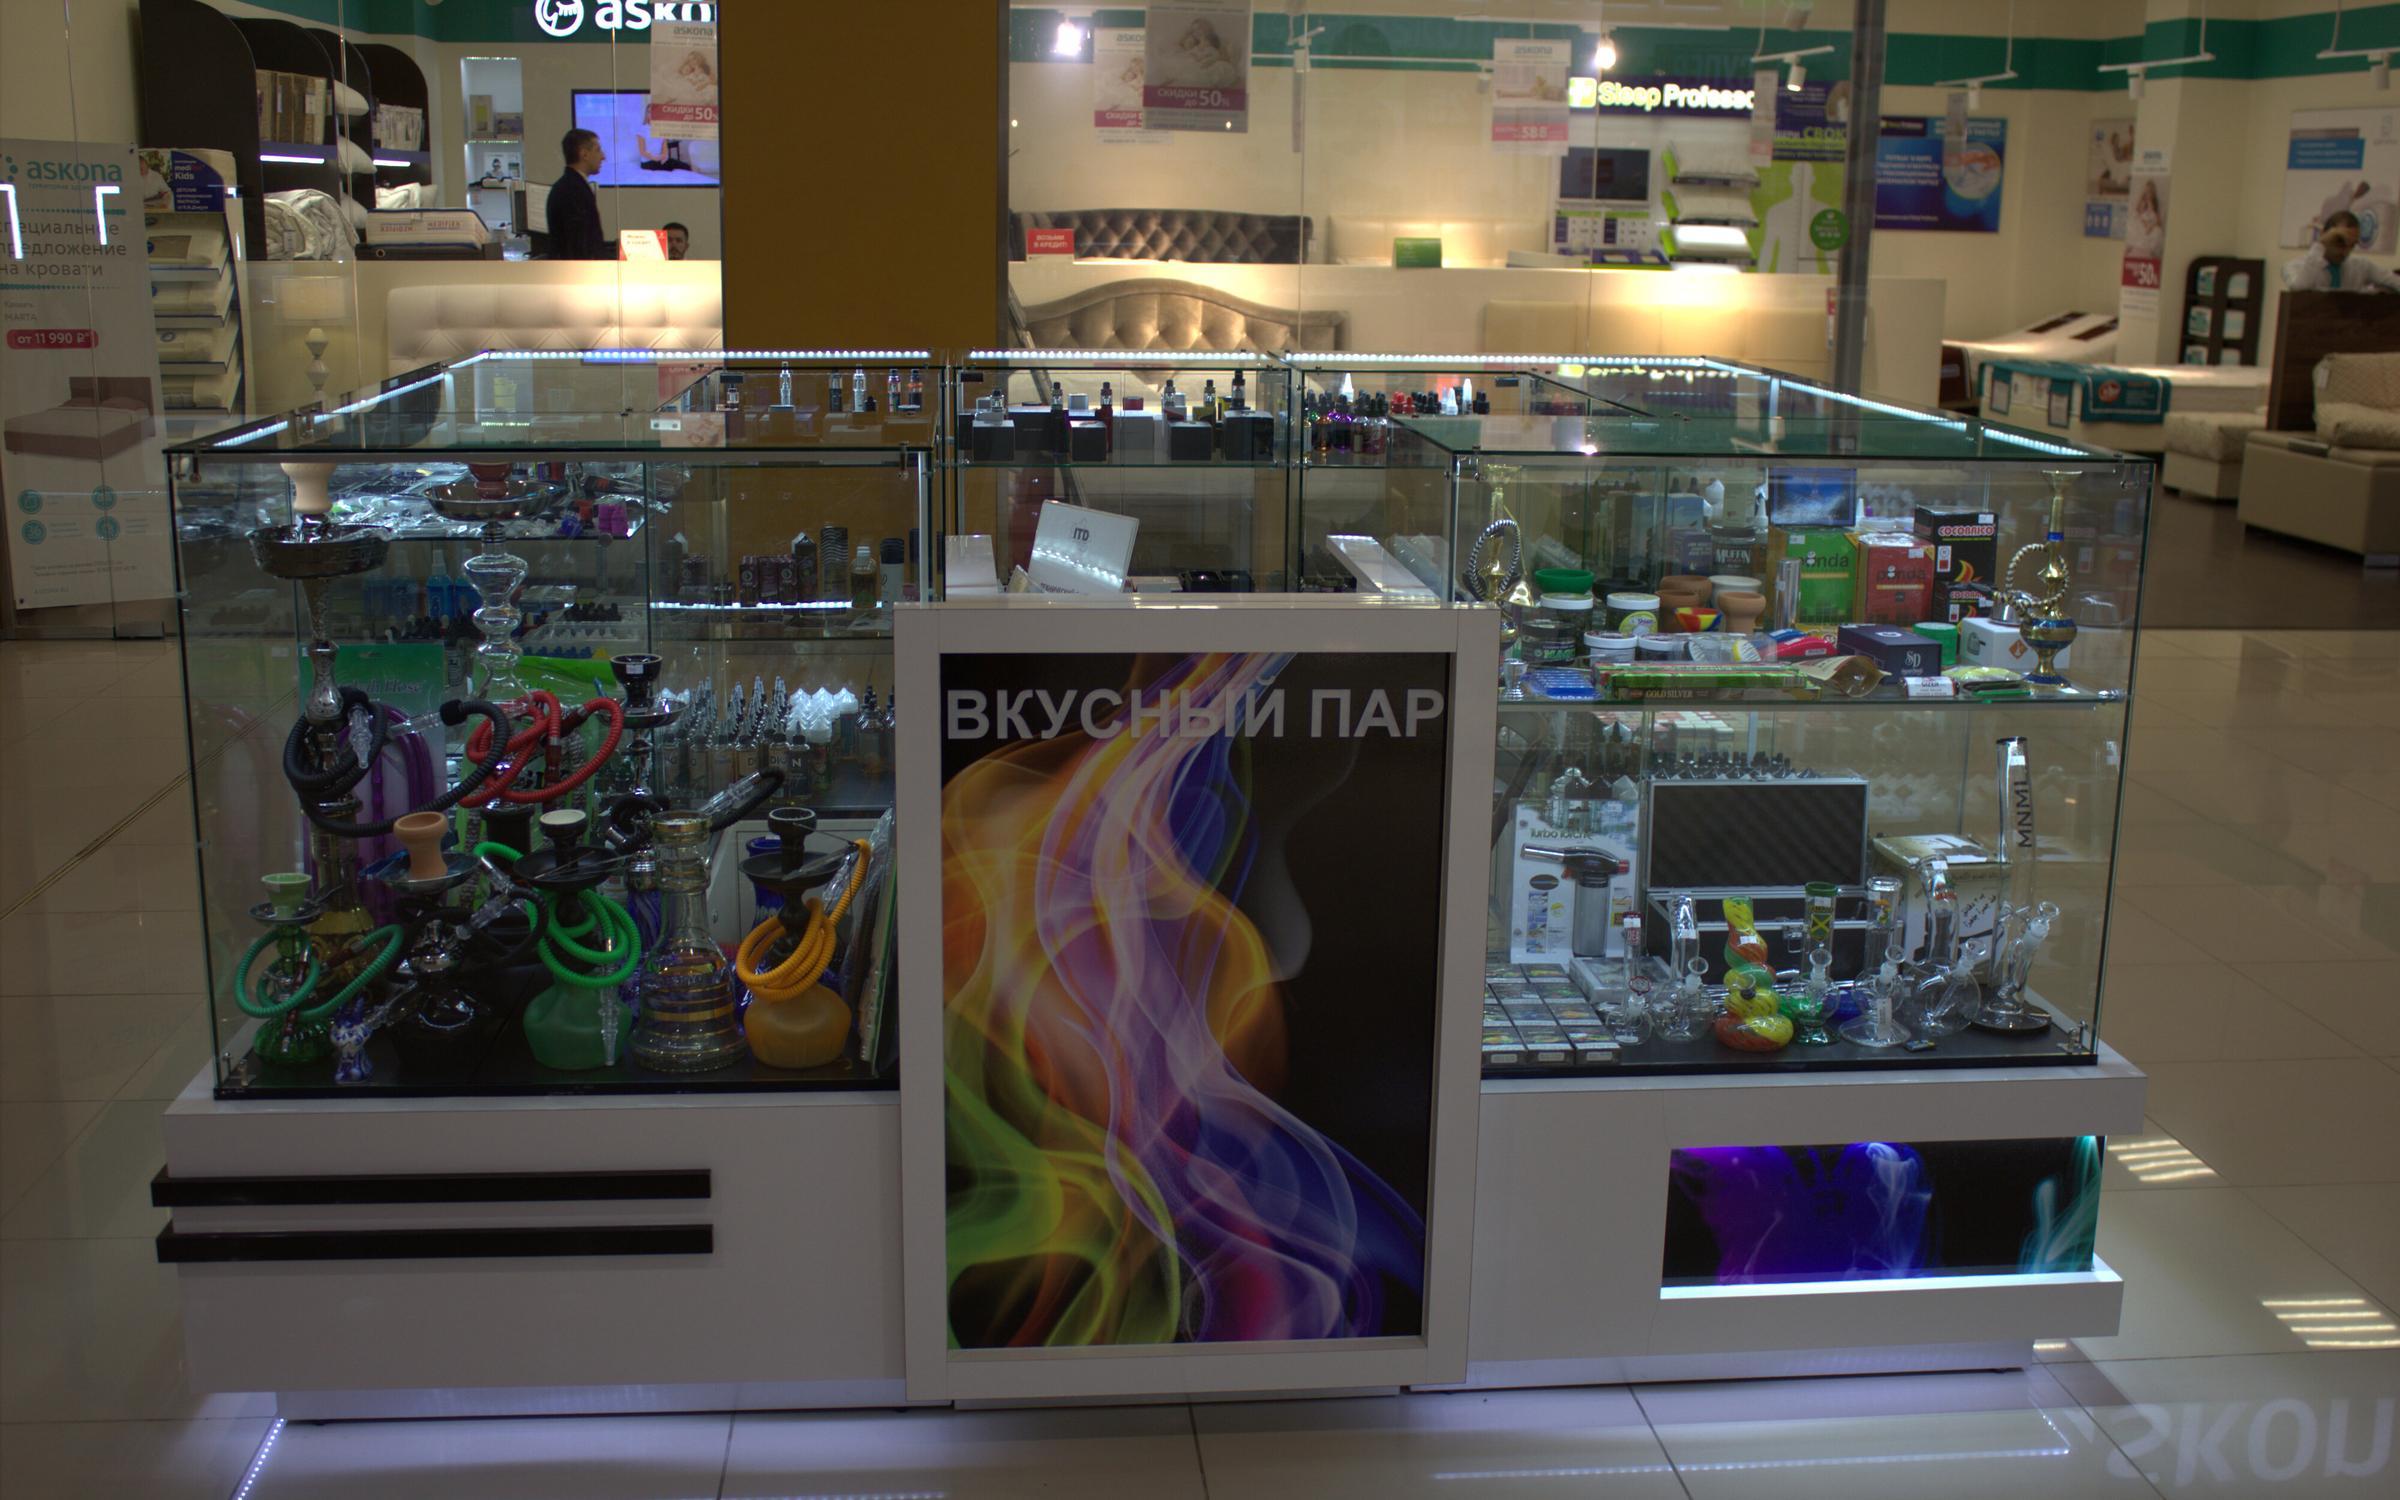 Где в домодедово можно купить электронные сигареты спб табак оптом